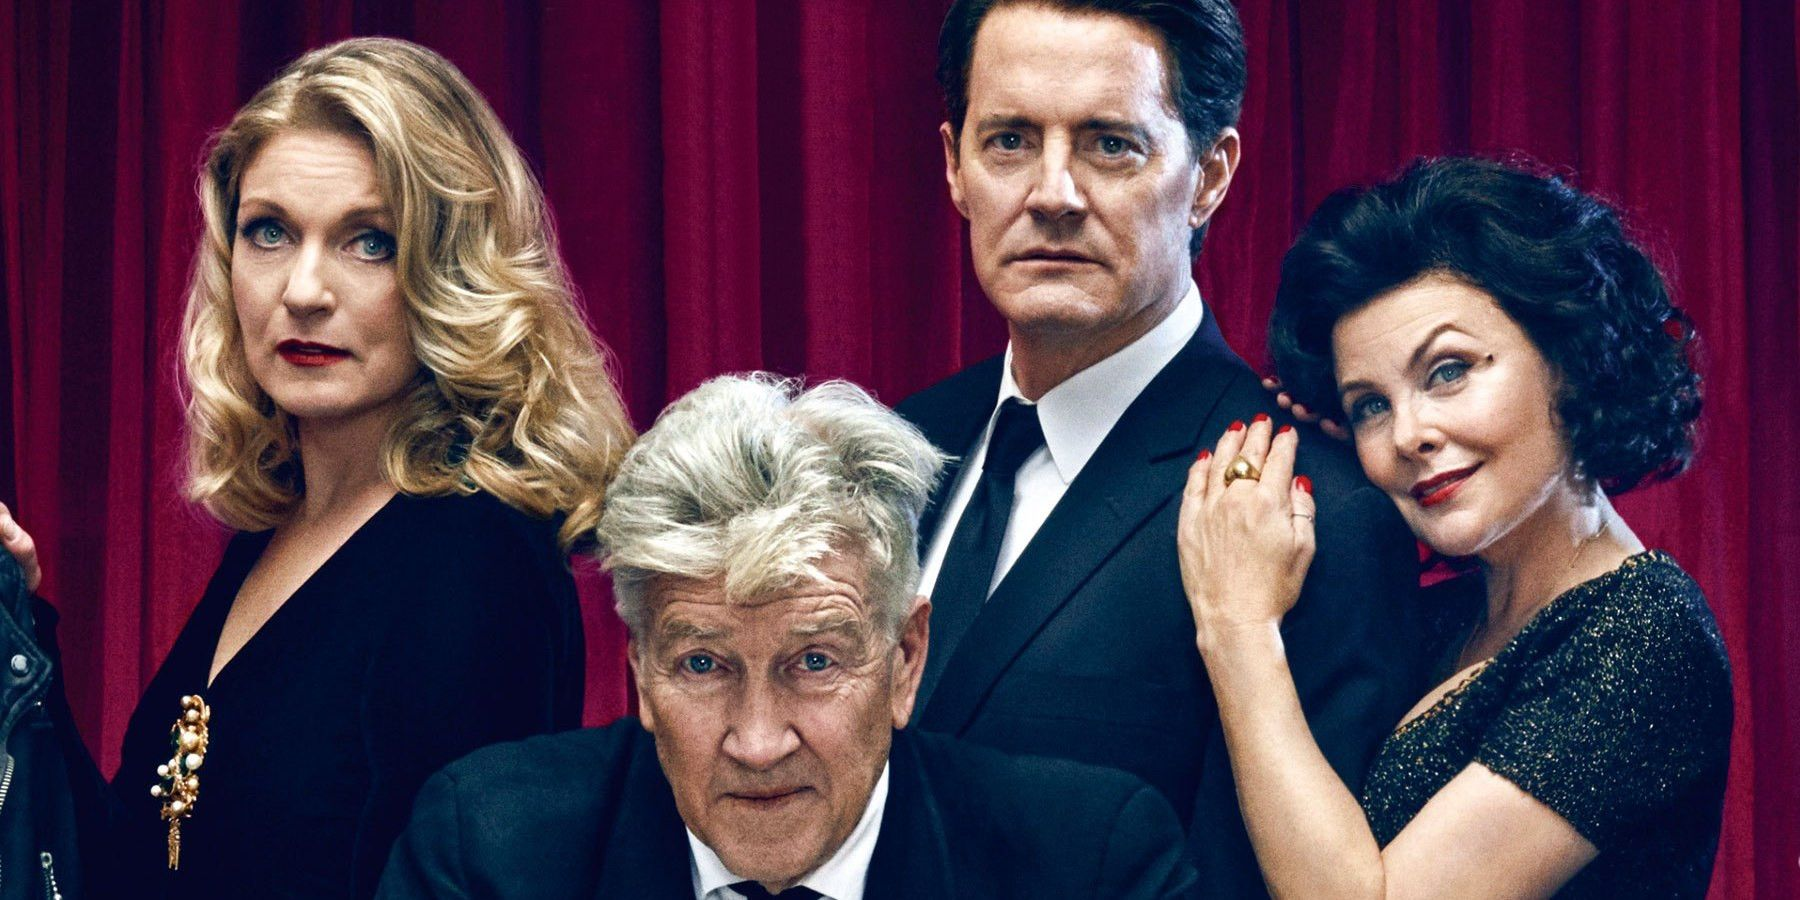 New season Twin Peaks will be released in 2017 48